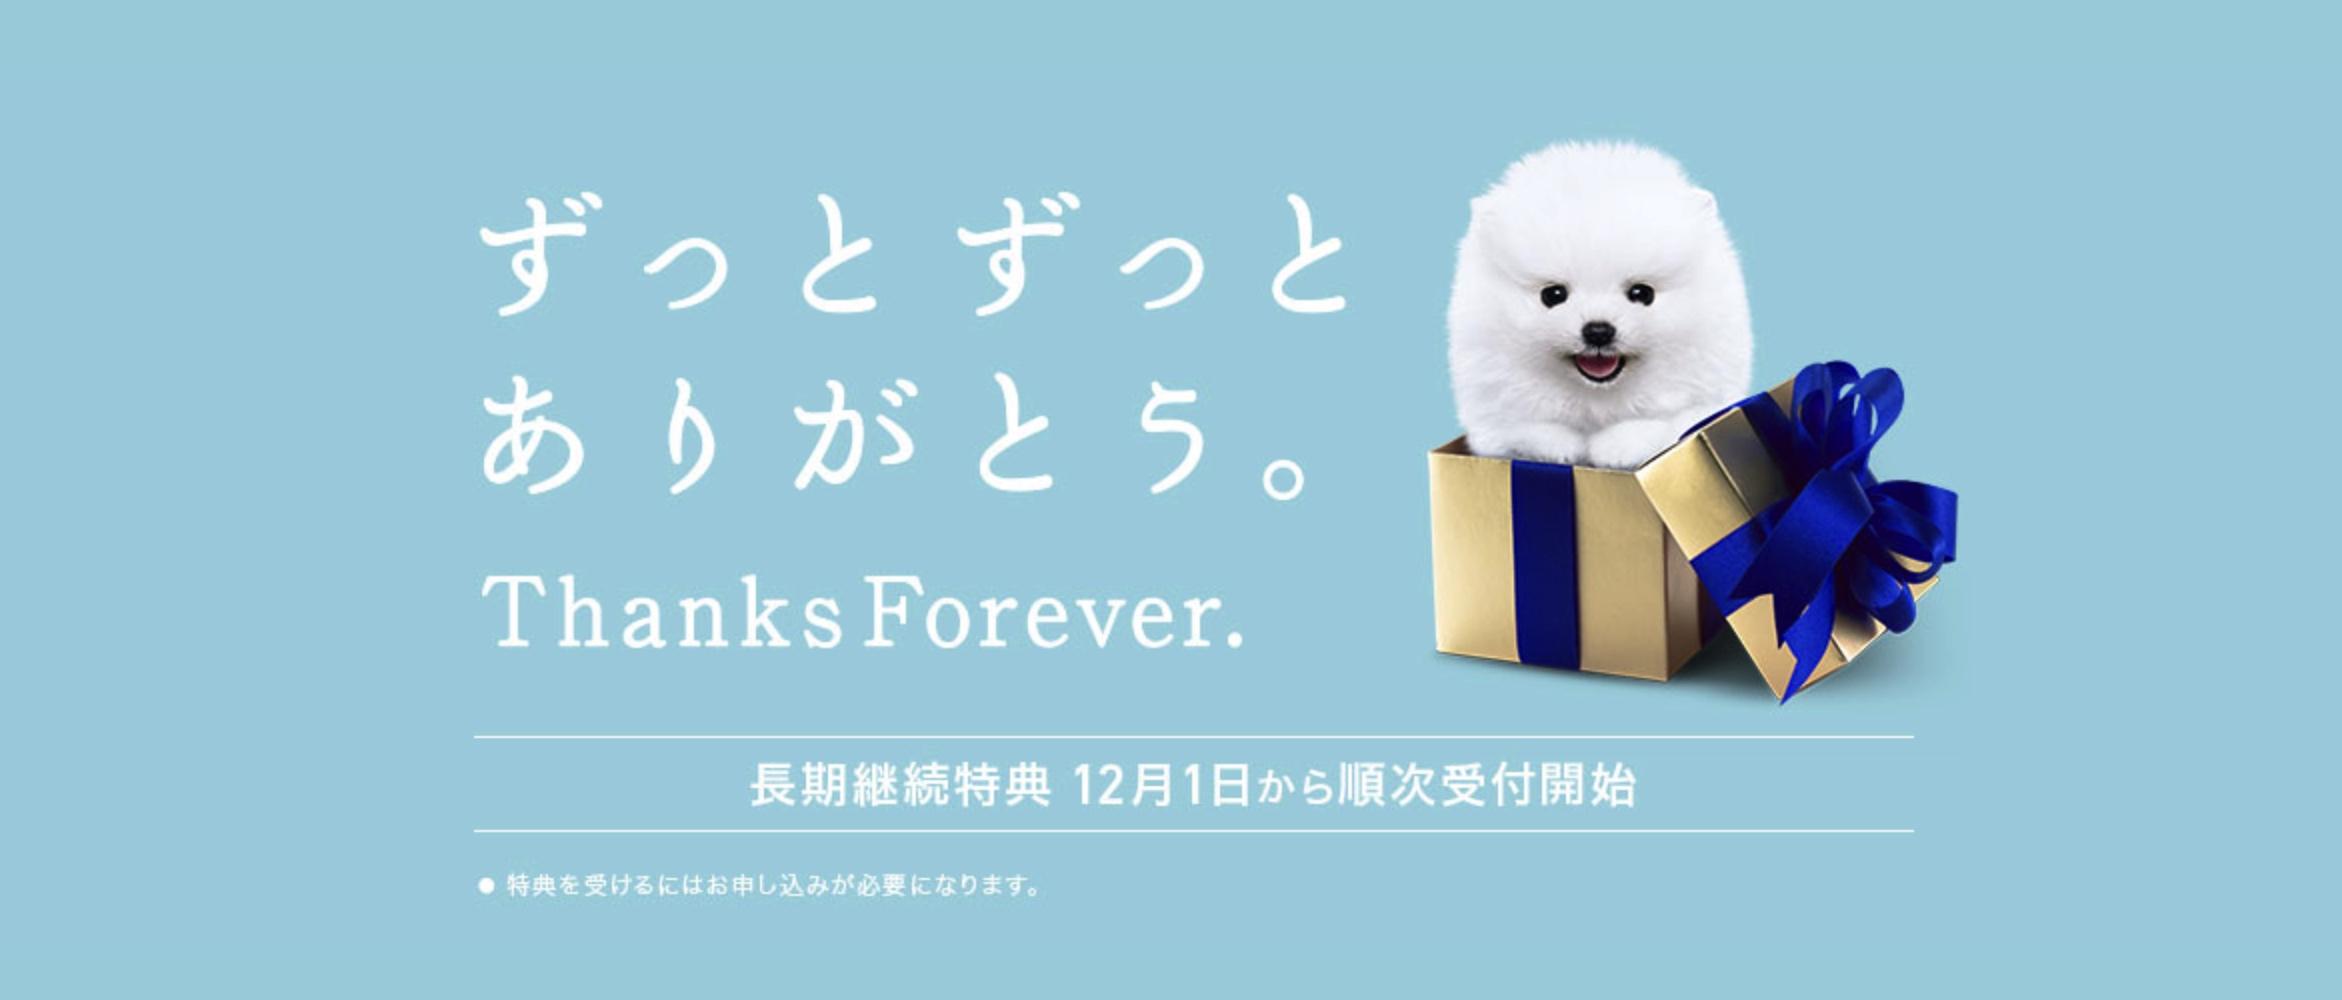 softbank-cyouki-tokuten_2